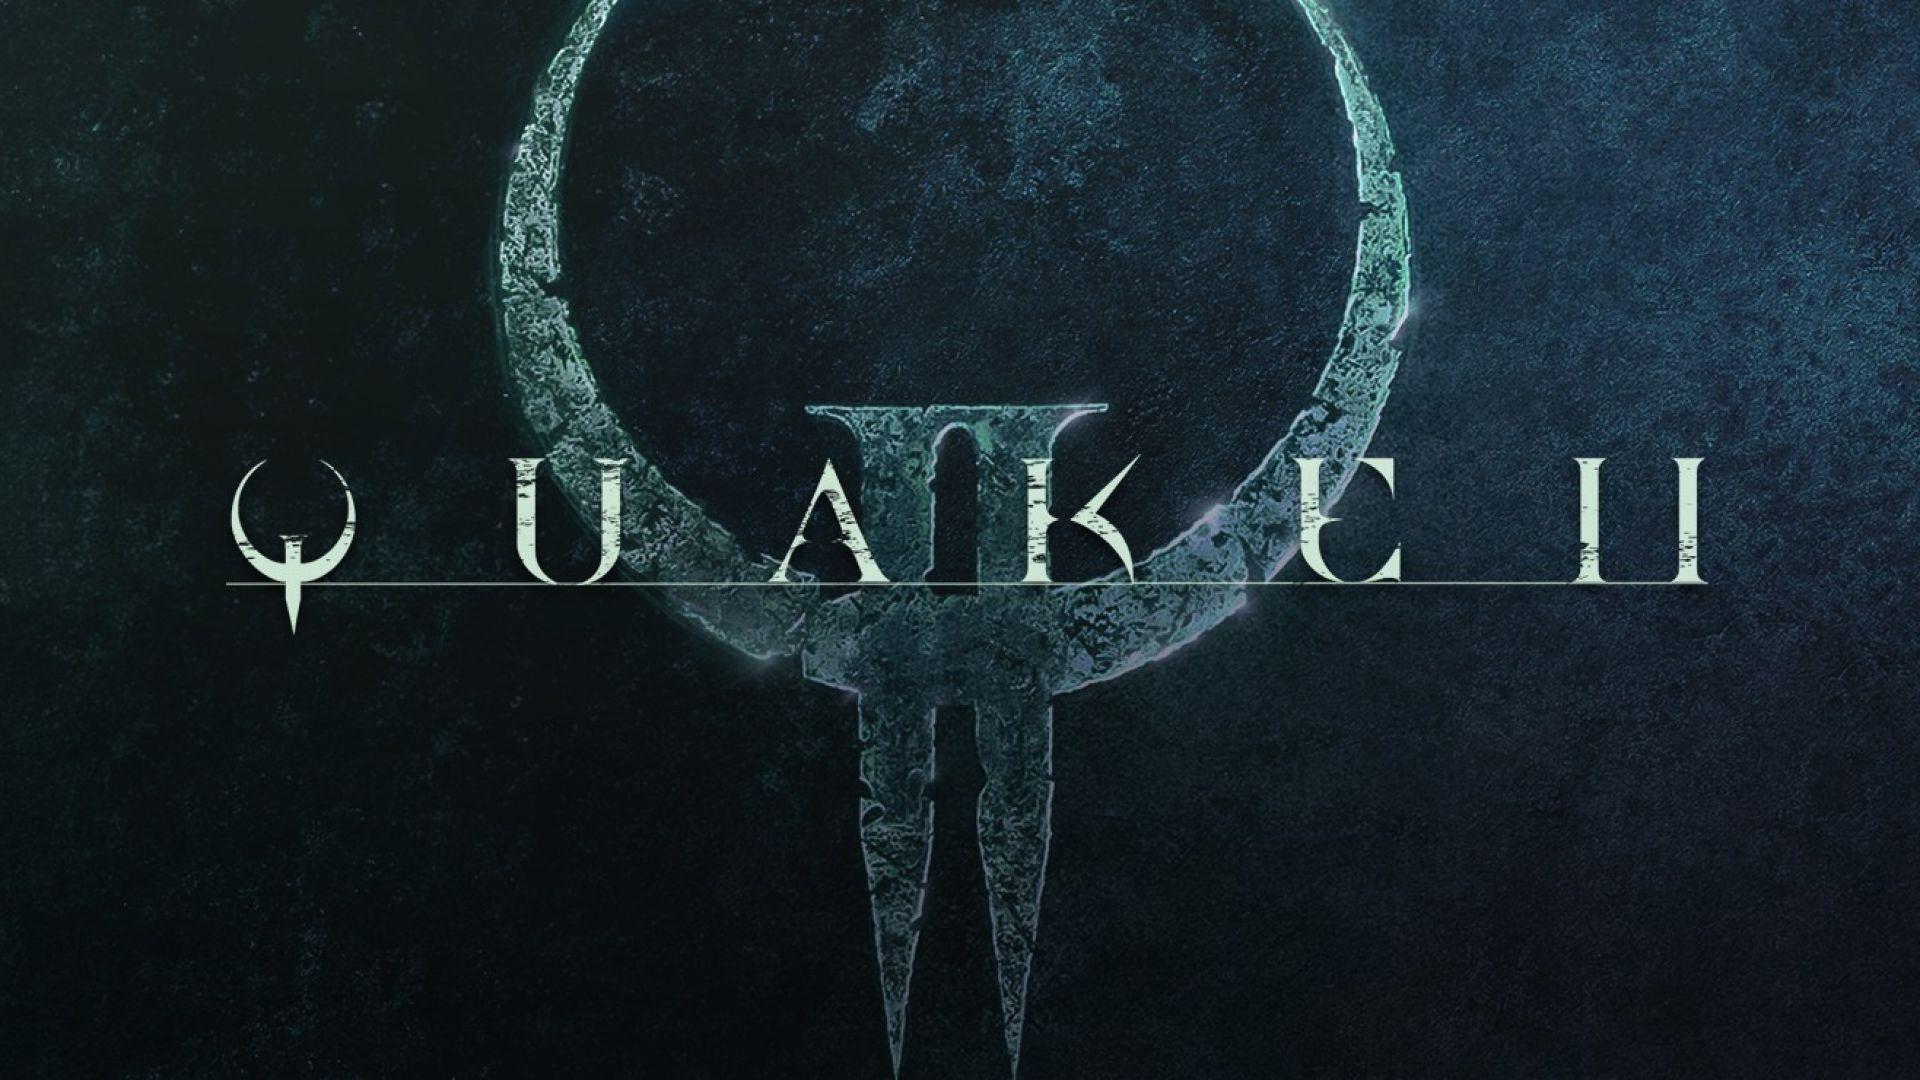 Quake 2 e безплатна в магазина на Bethesda